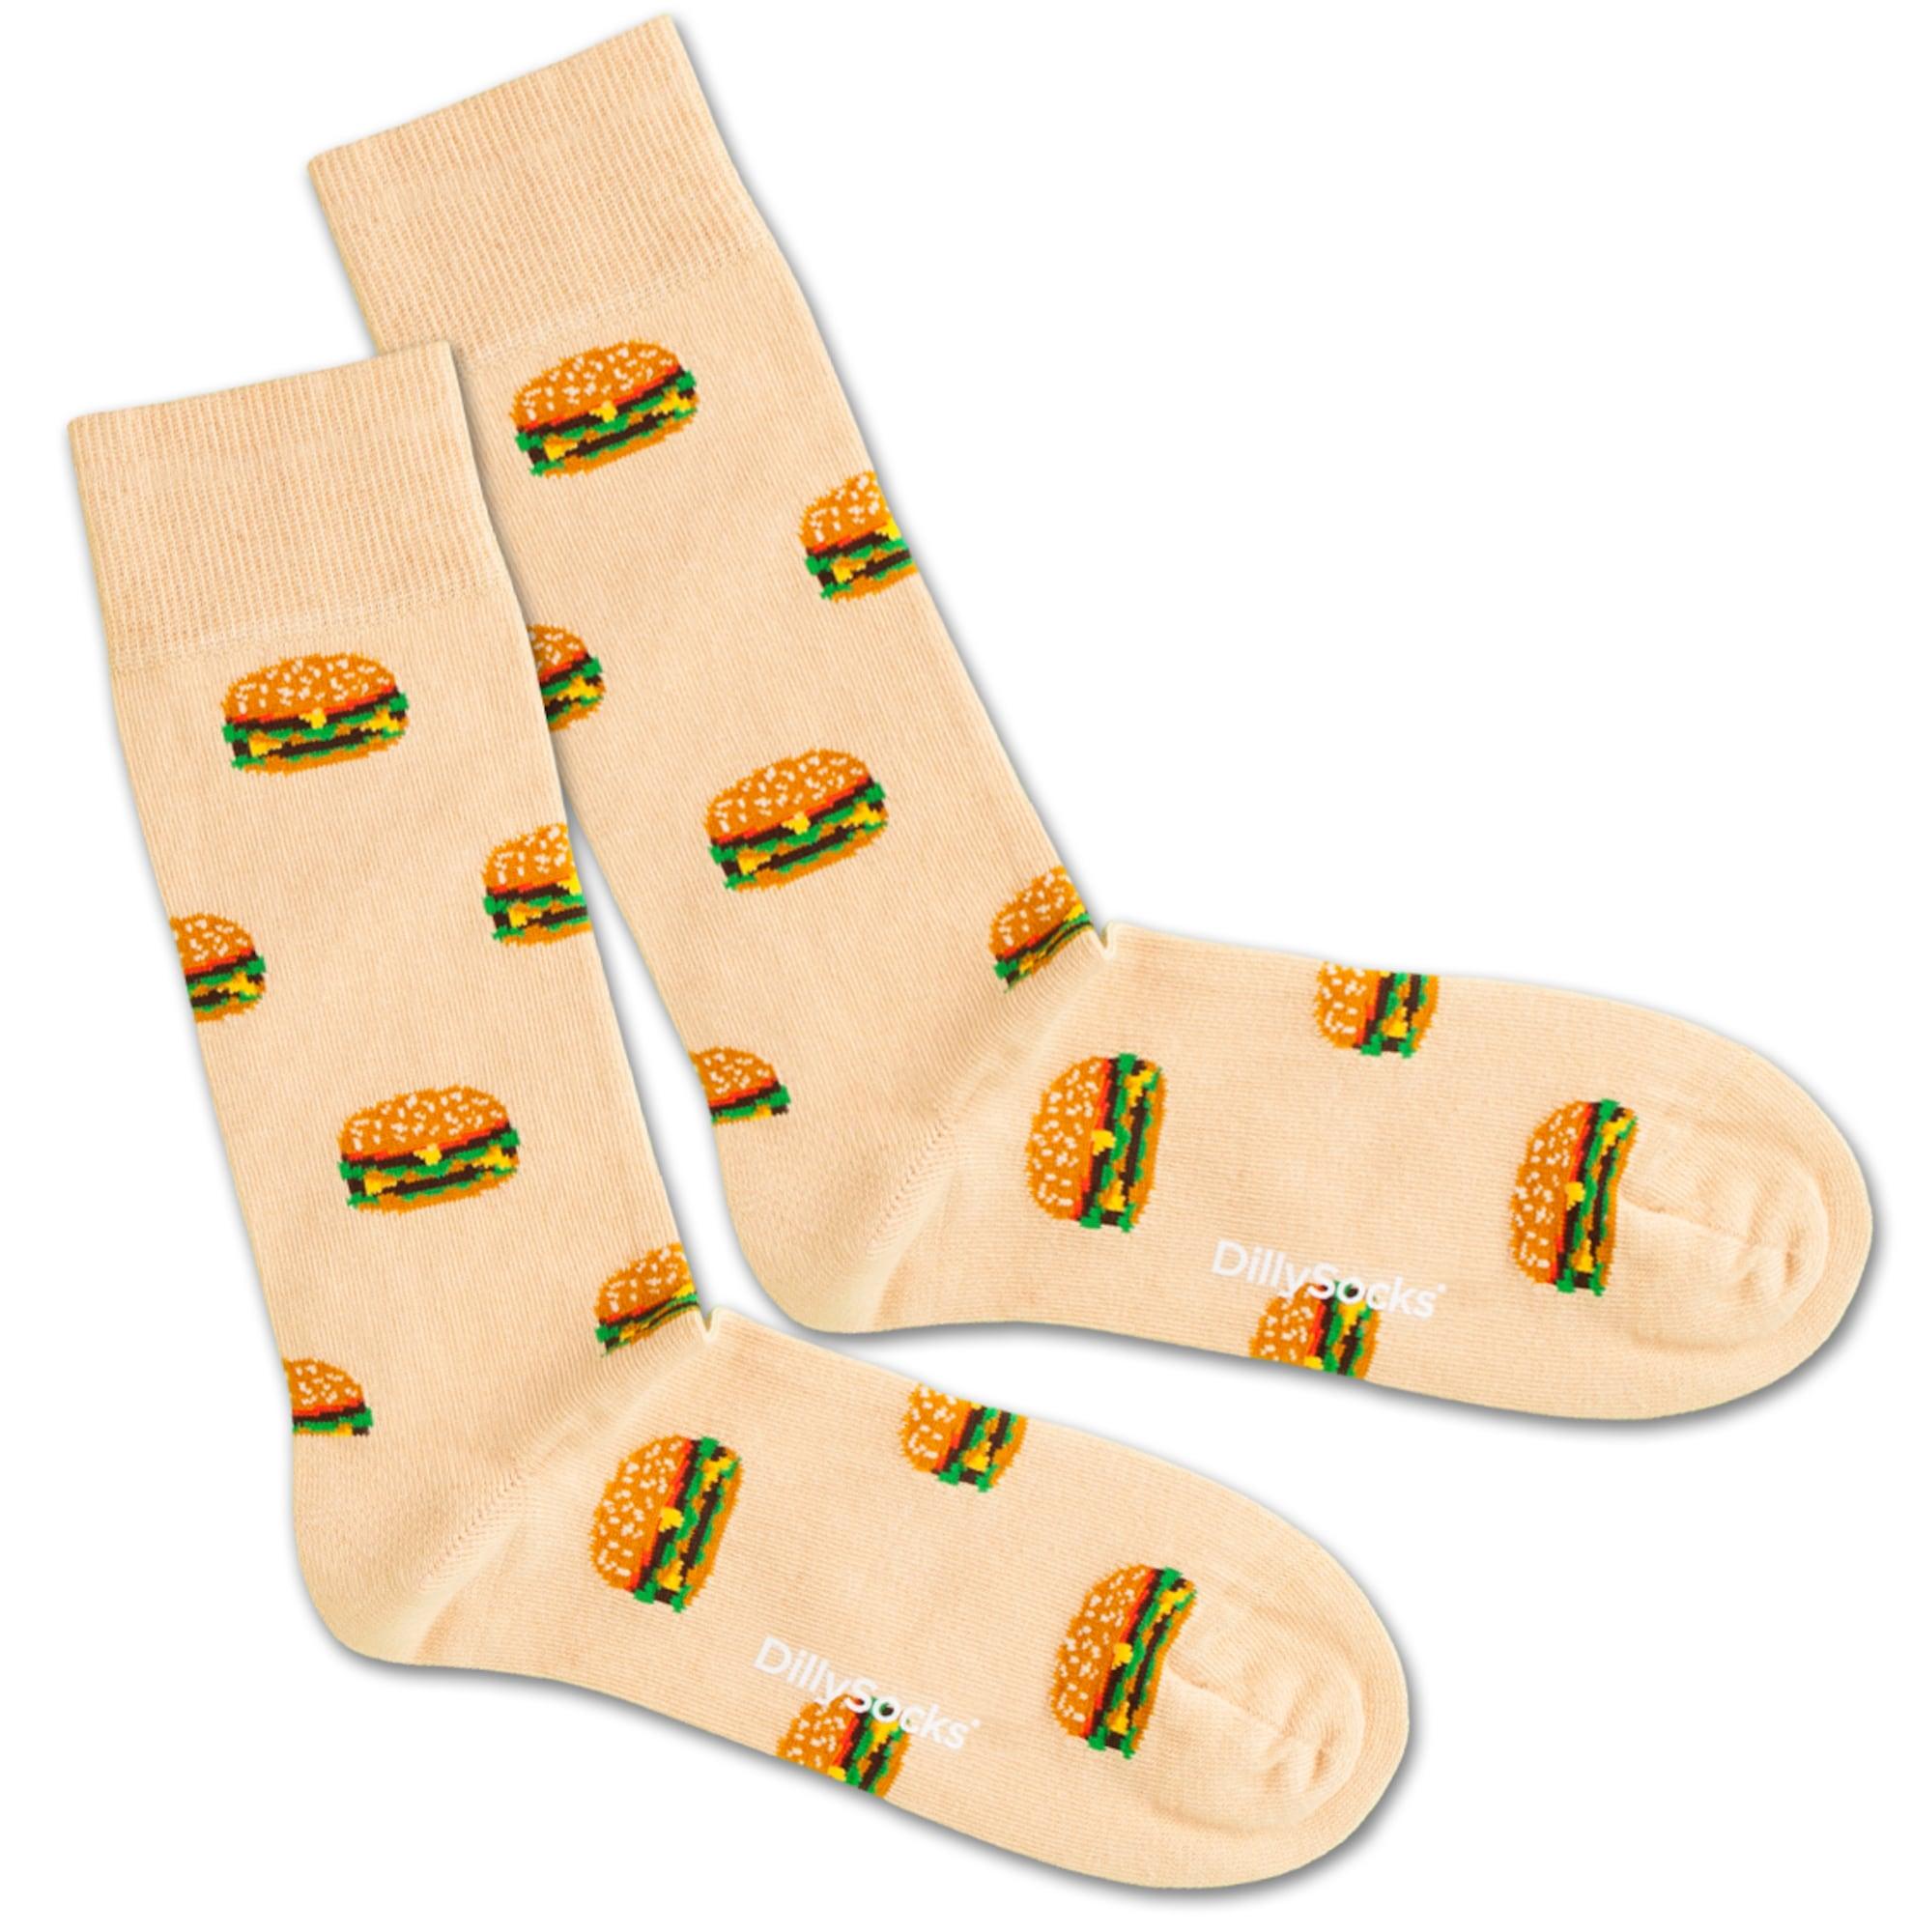 Ponožky Big Burger béžová mix barev DillySocks